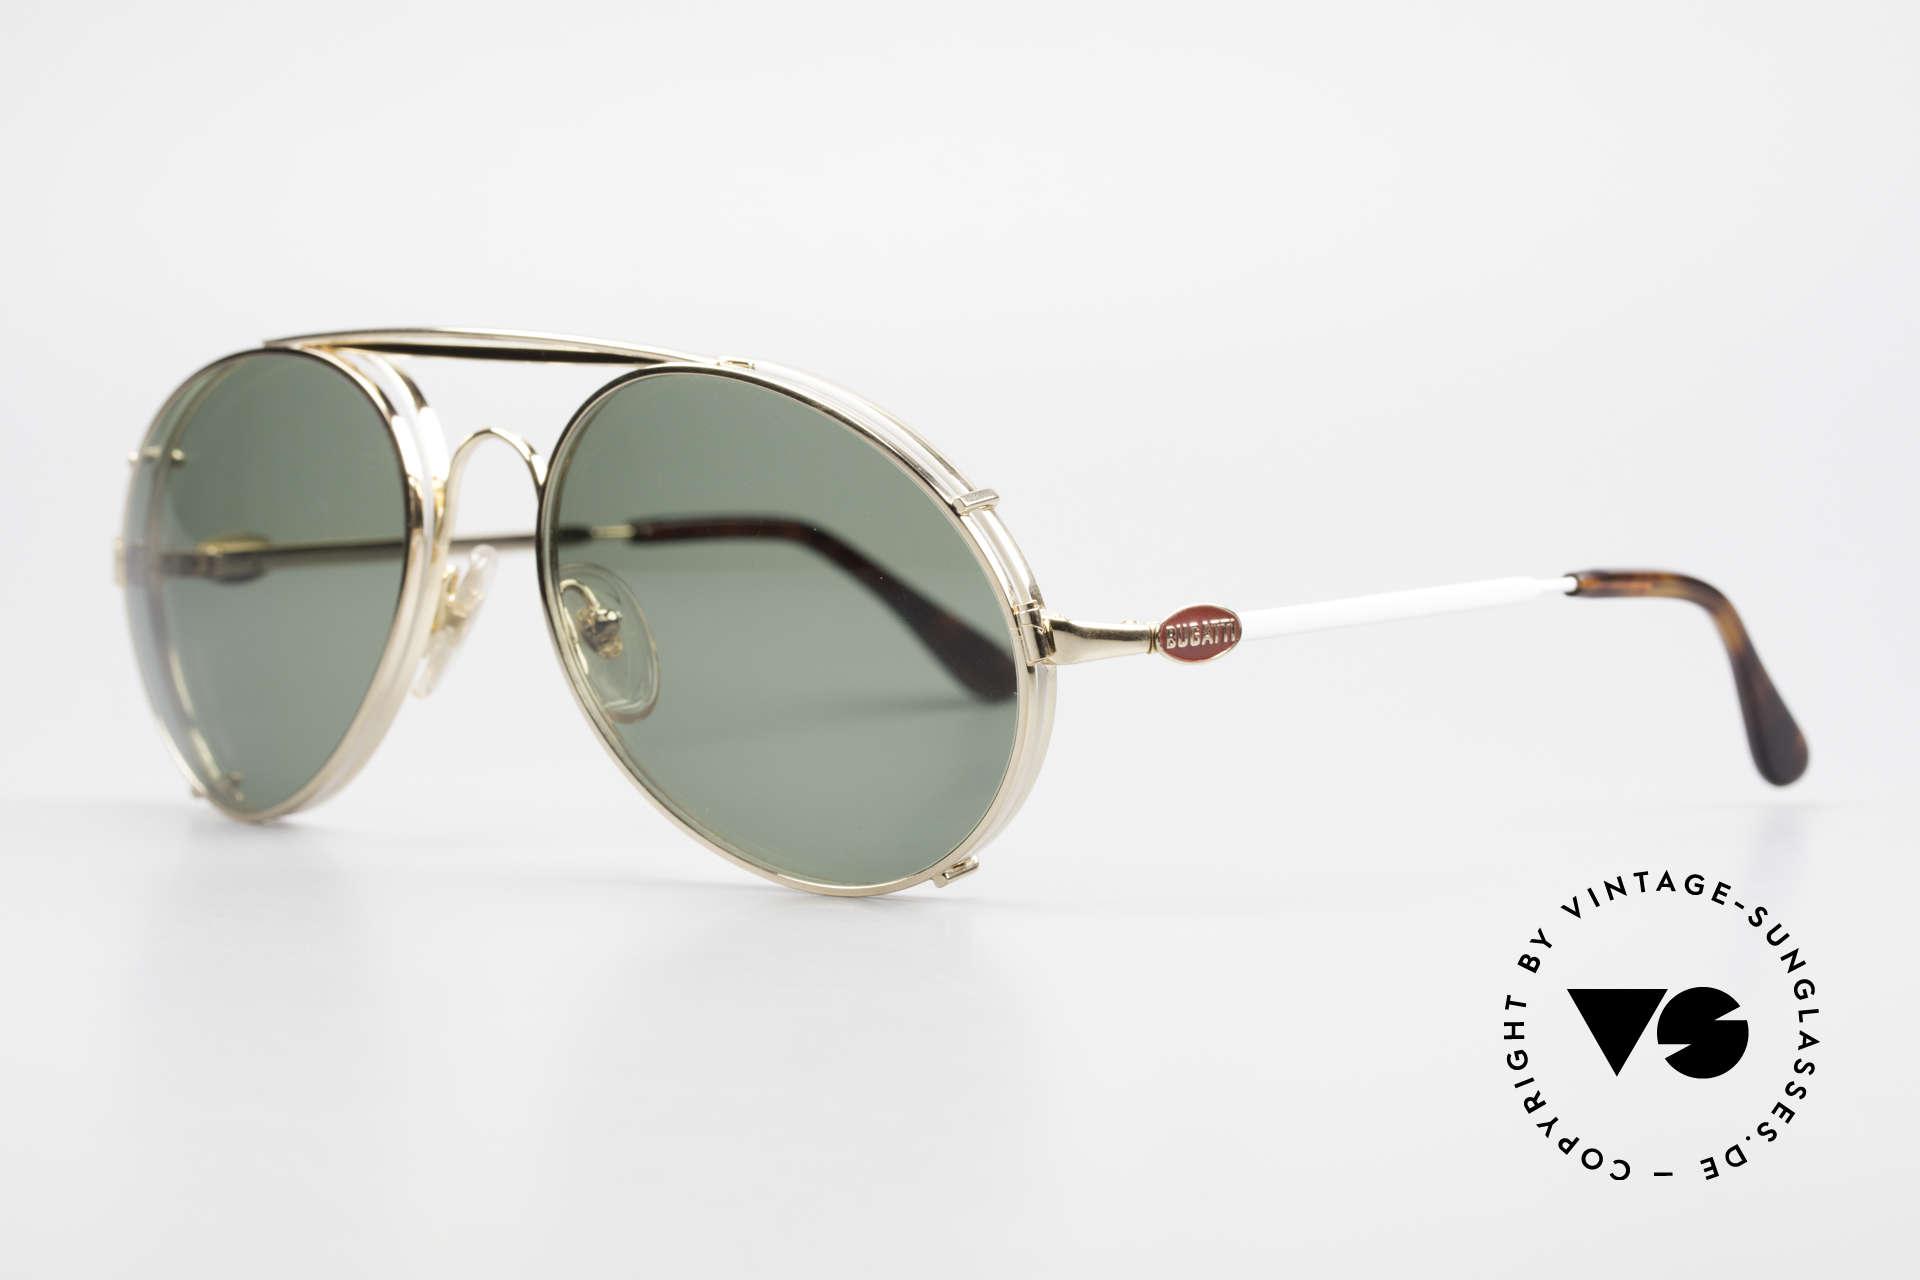 Bugatti 65987 80er Vintage Brille Mit Clip On, VINTAGE Gestell mit praktischem Sonnen-Clip, Passend für Herren